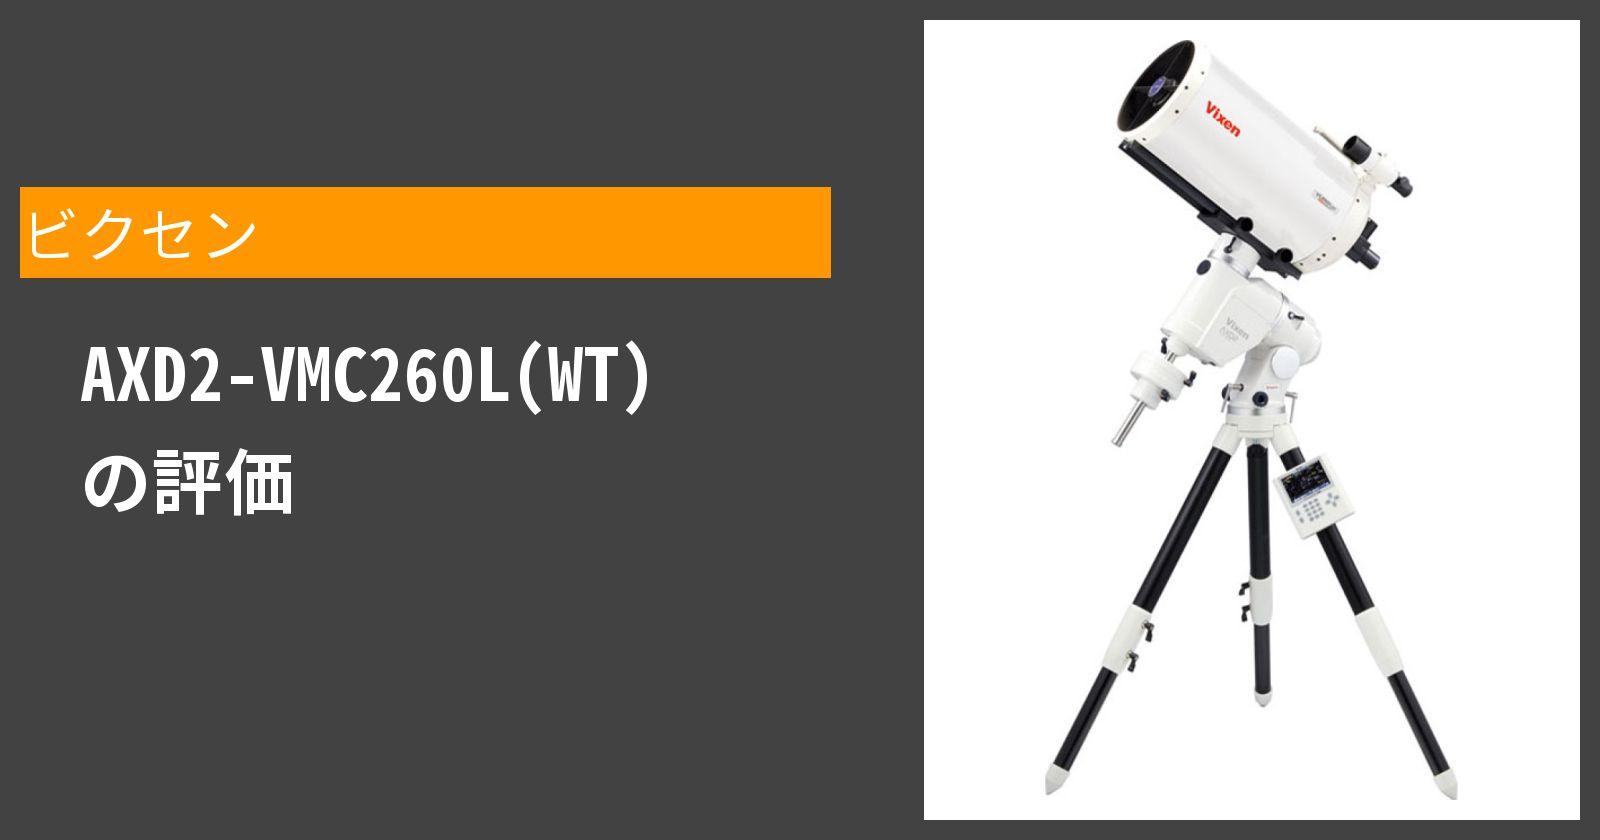 AXD2-VMC260L(WT)を徹底評価